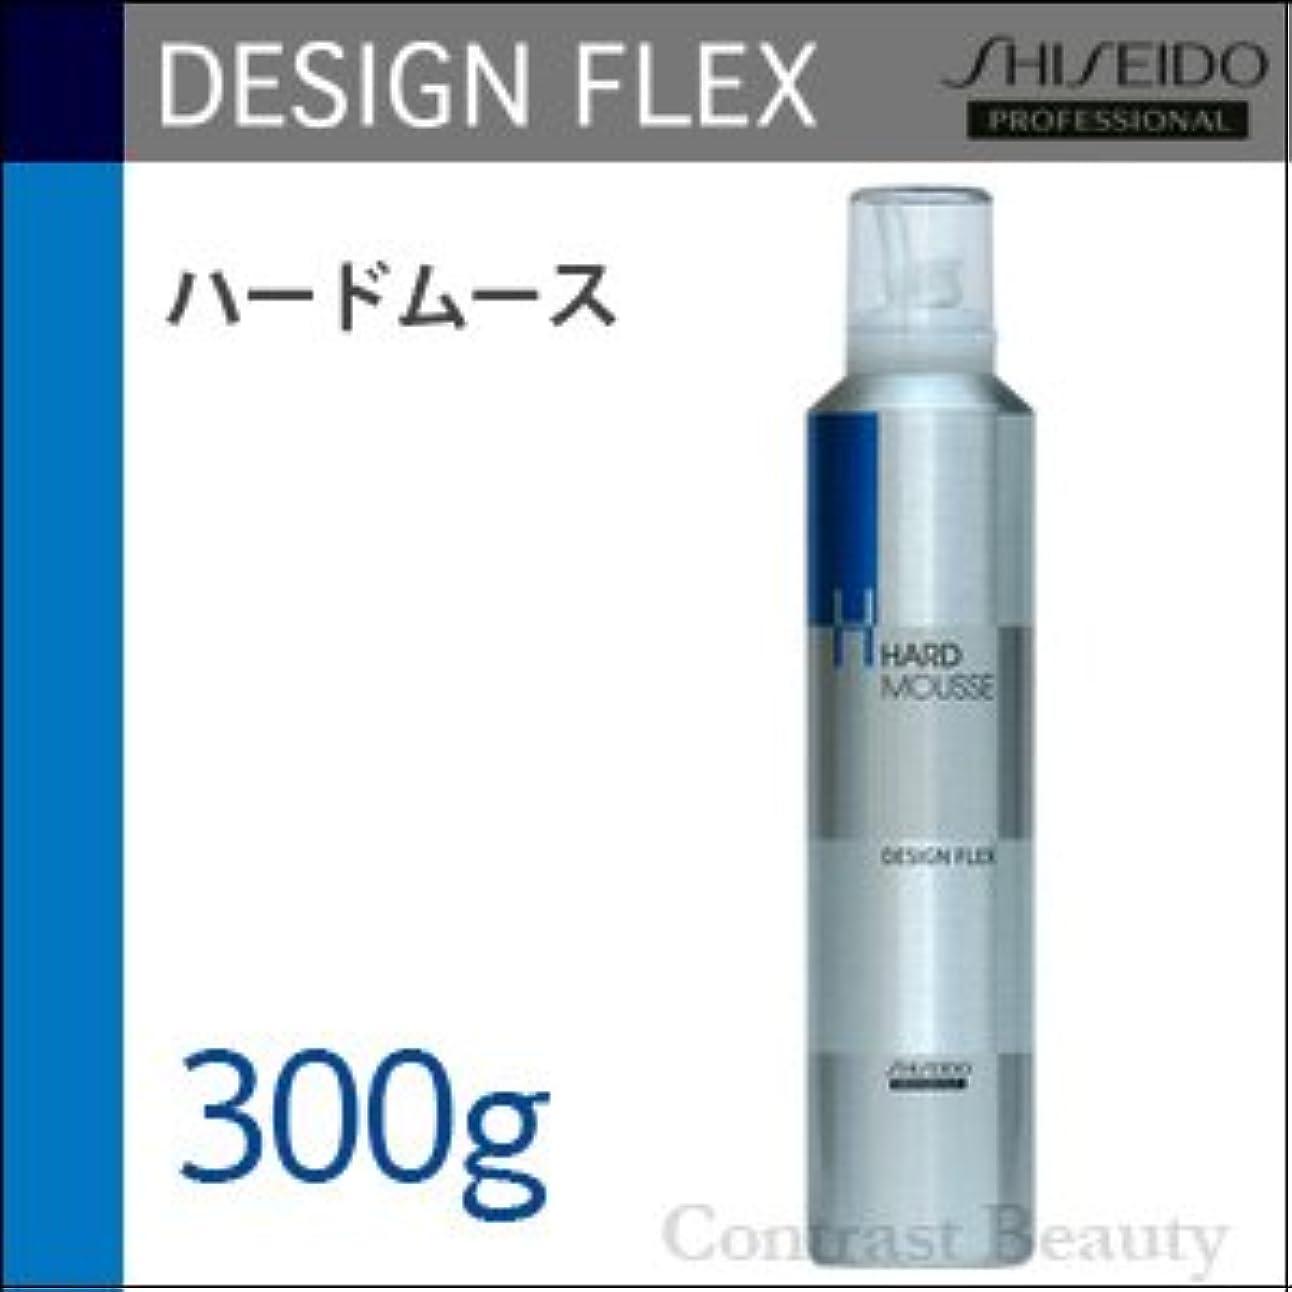 高原契約した連帯【x3個セット】 資生堂 デザインフレックス ハードムース 300g